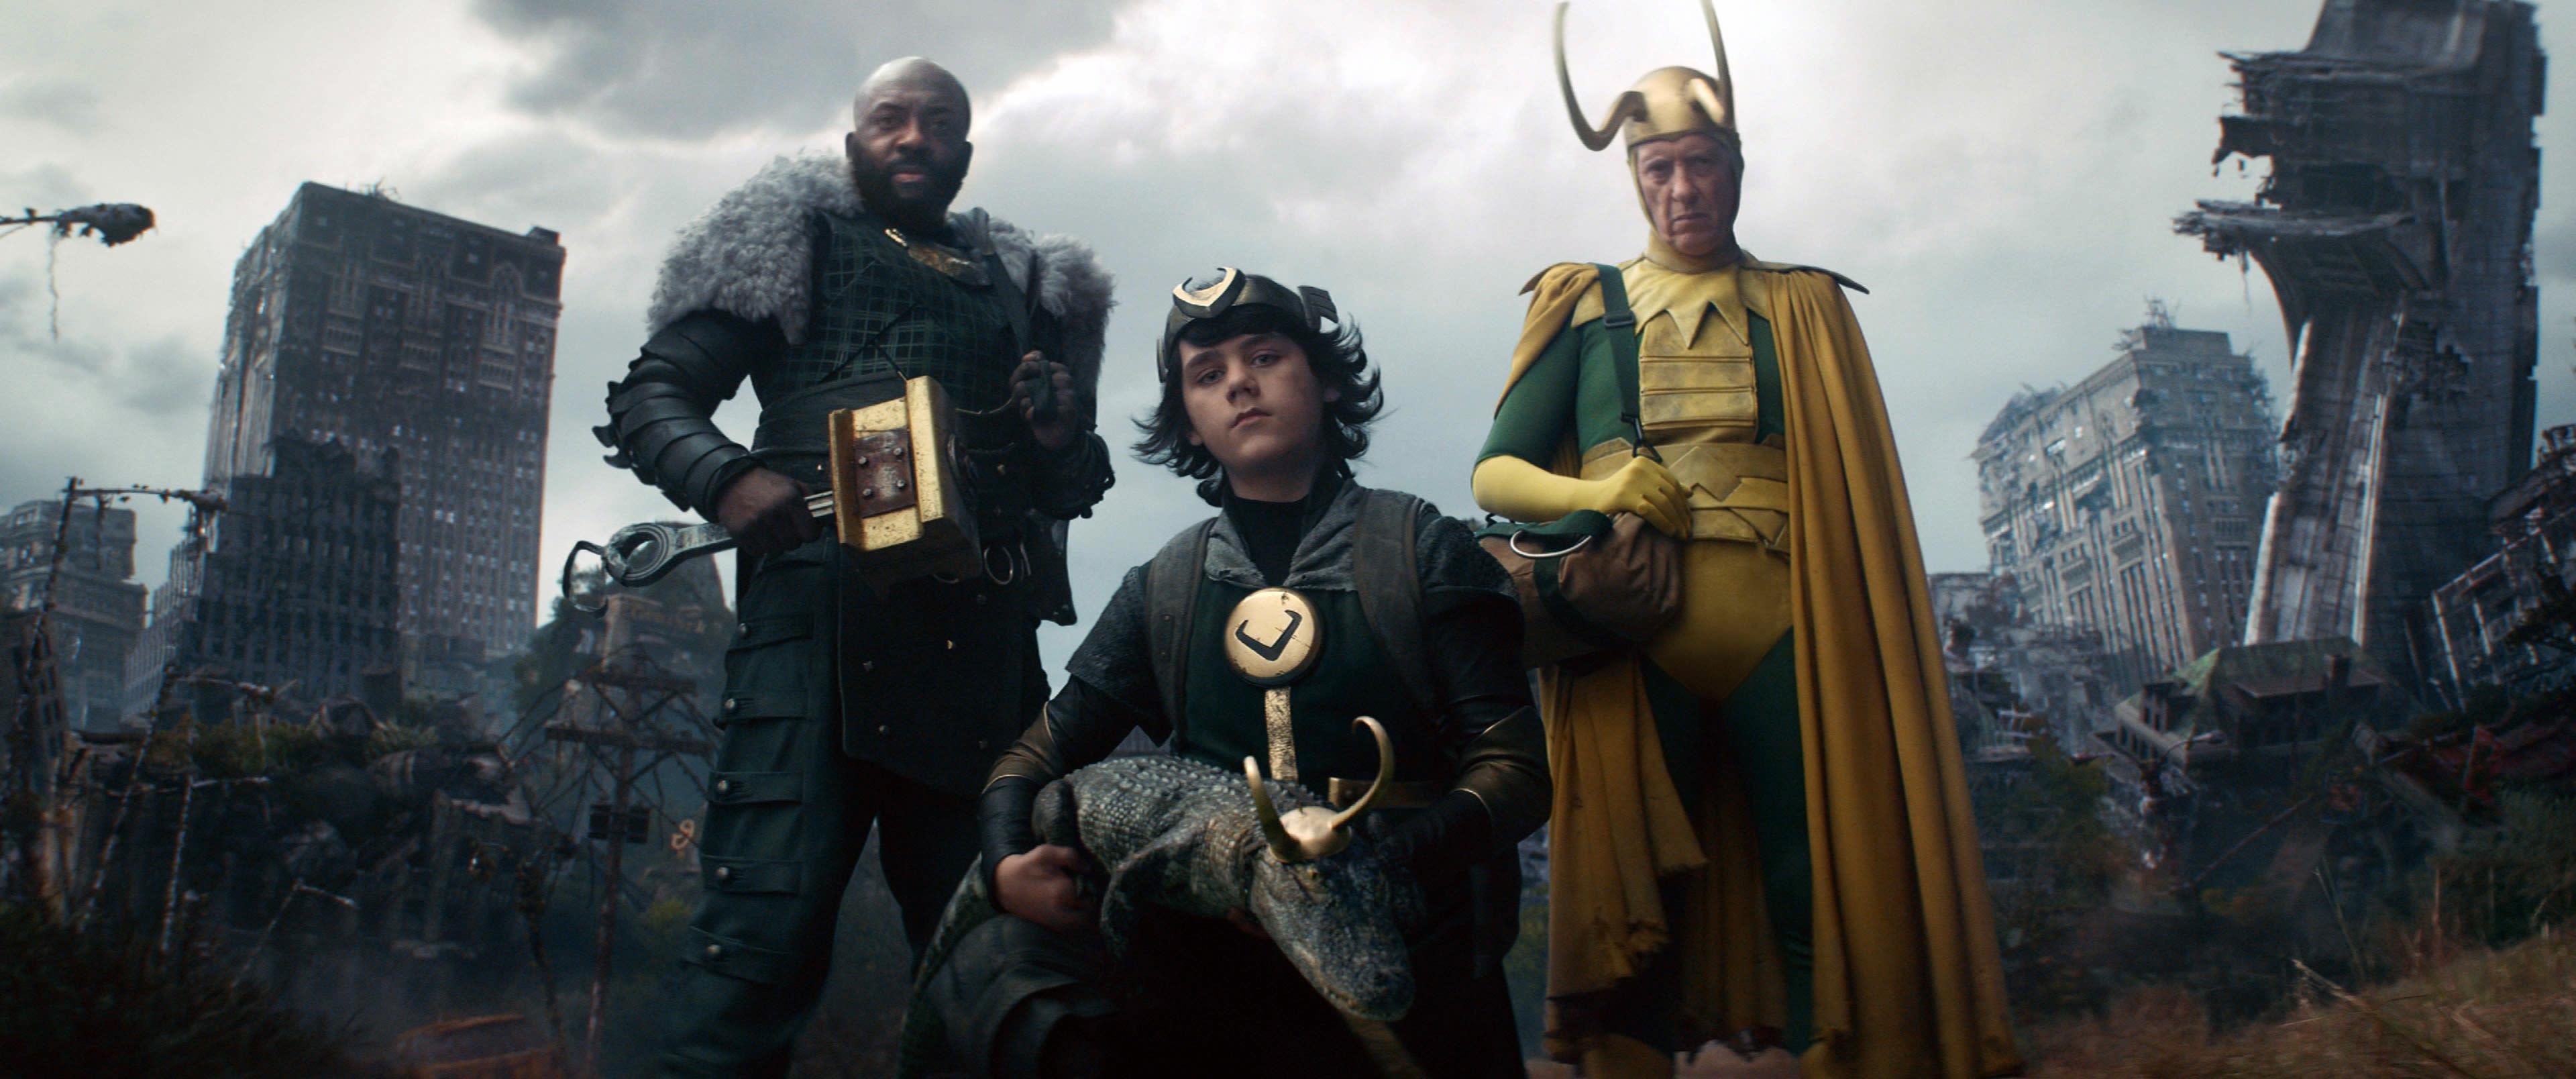 Boastful Loki, Kid Loki, Alligator Loki and Classic Loki